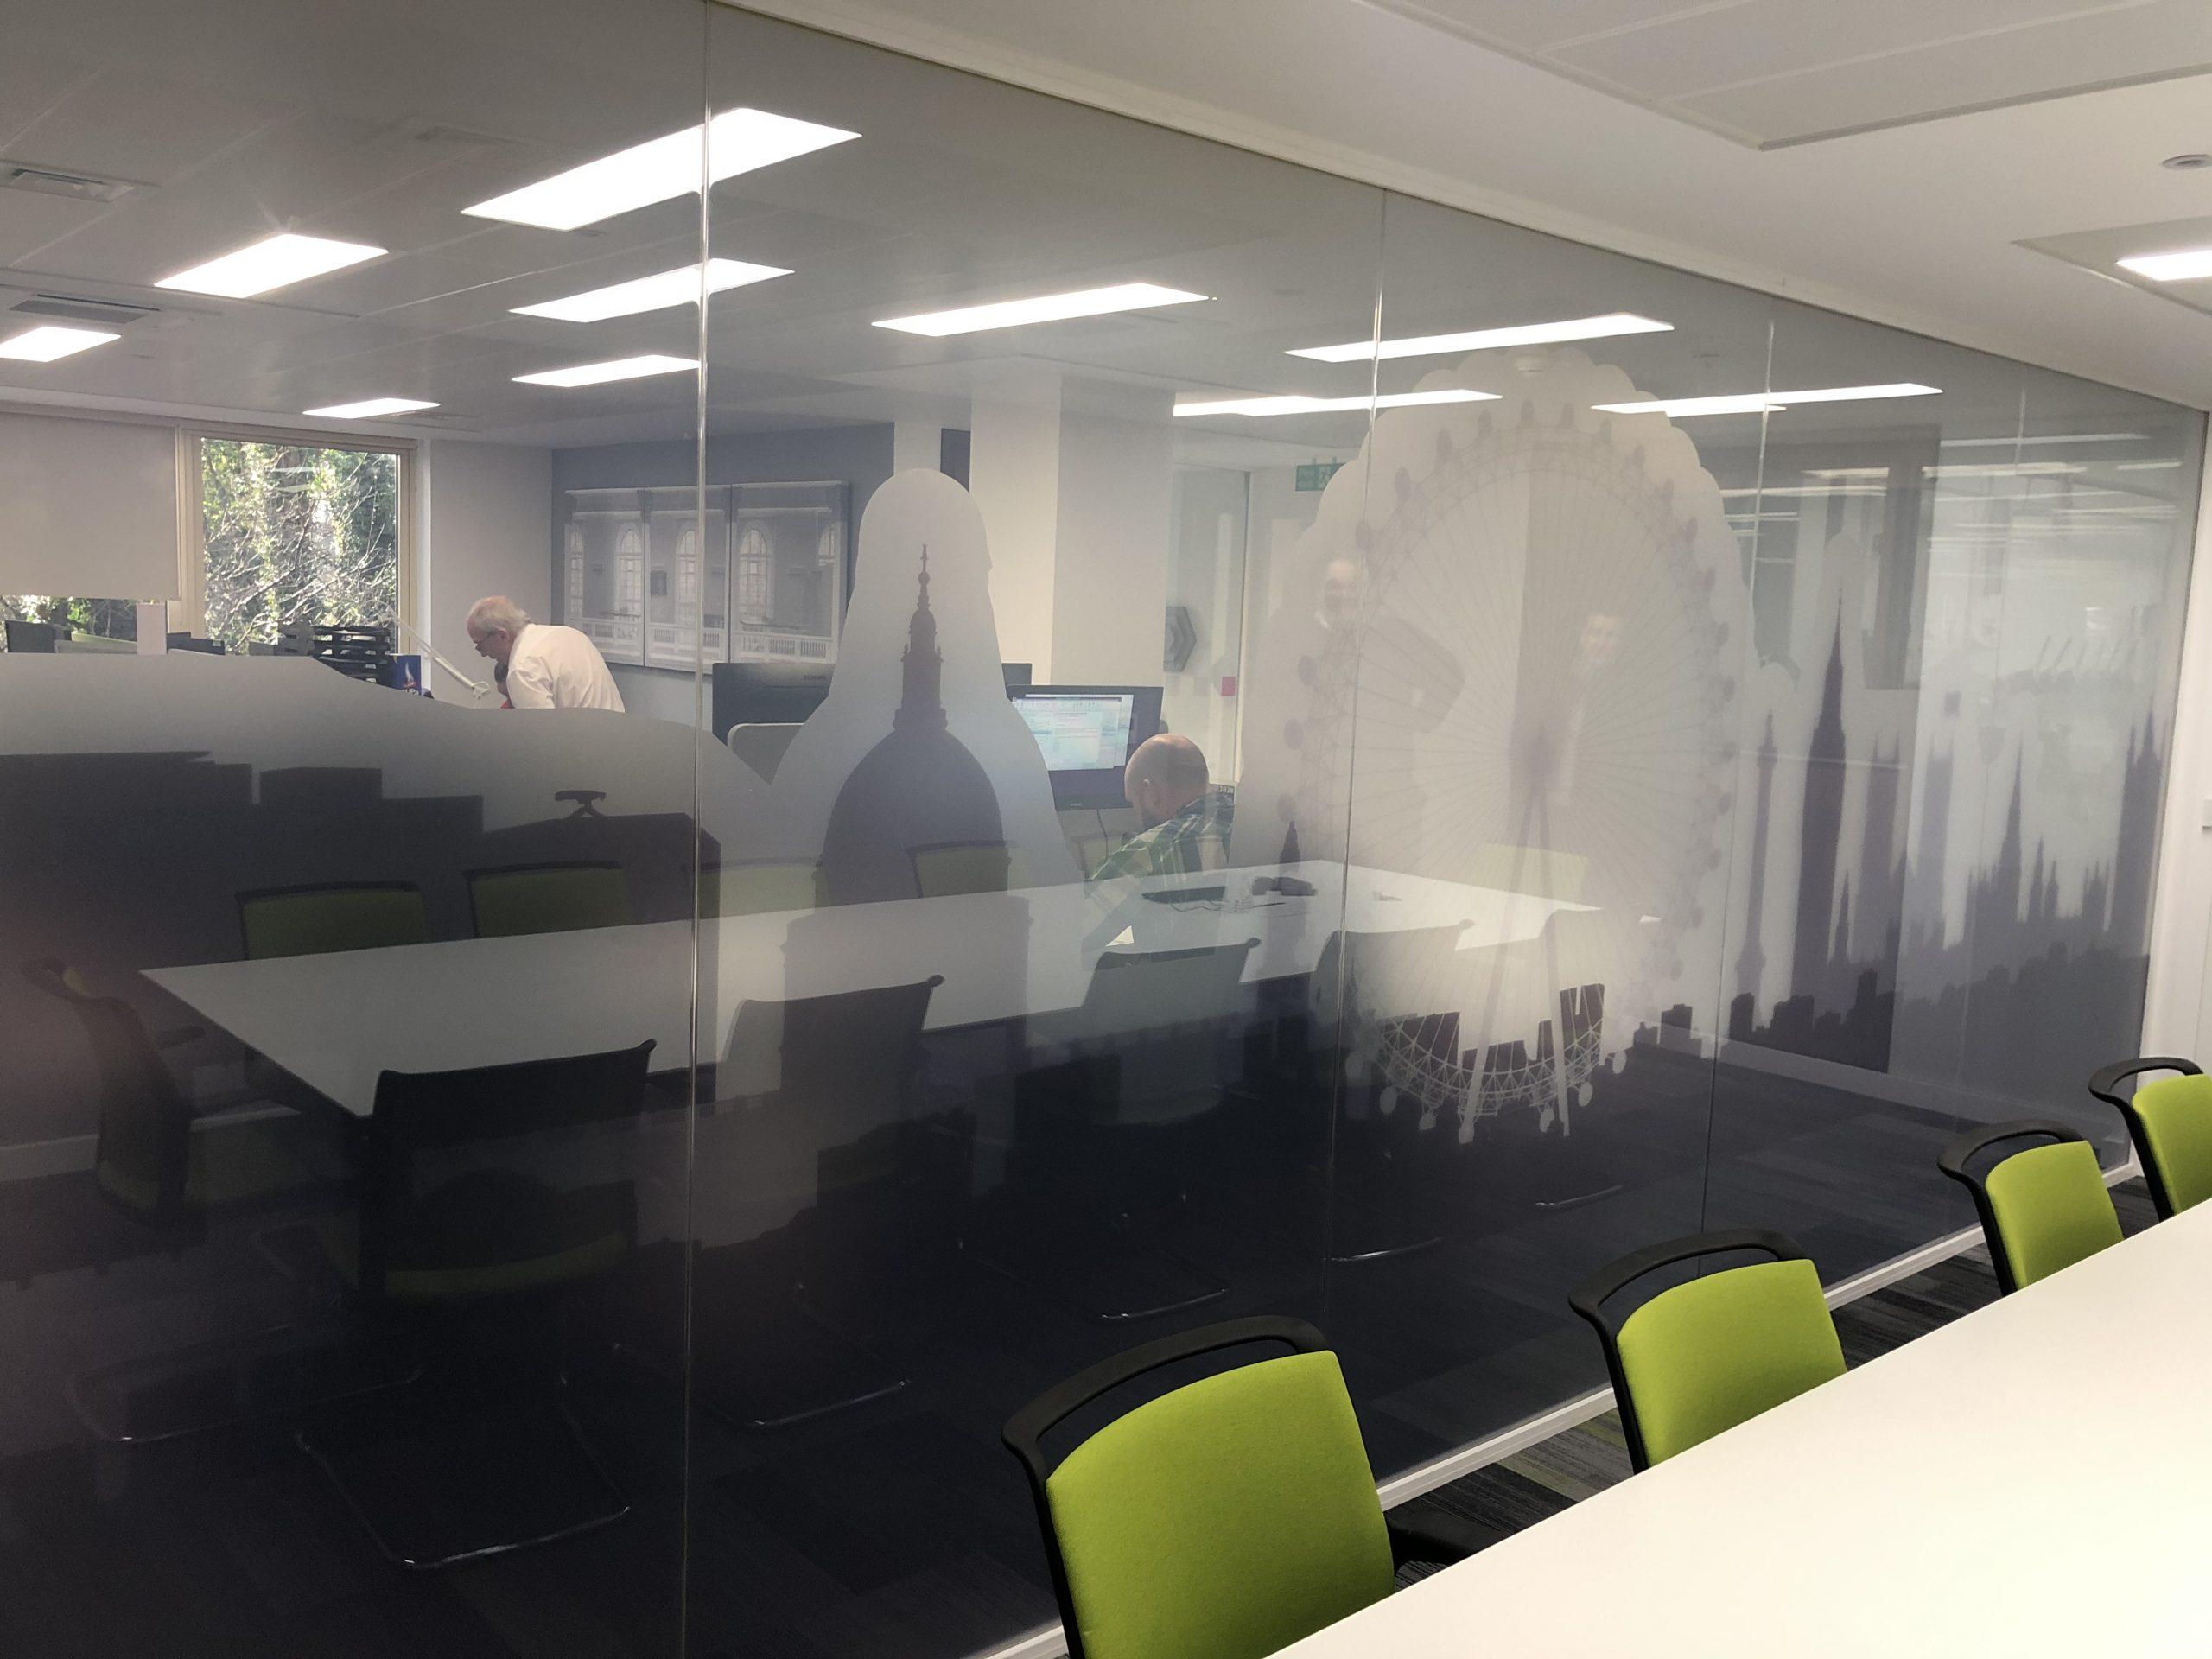 Tecdur Privacy Glass Board Room